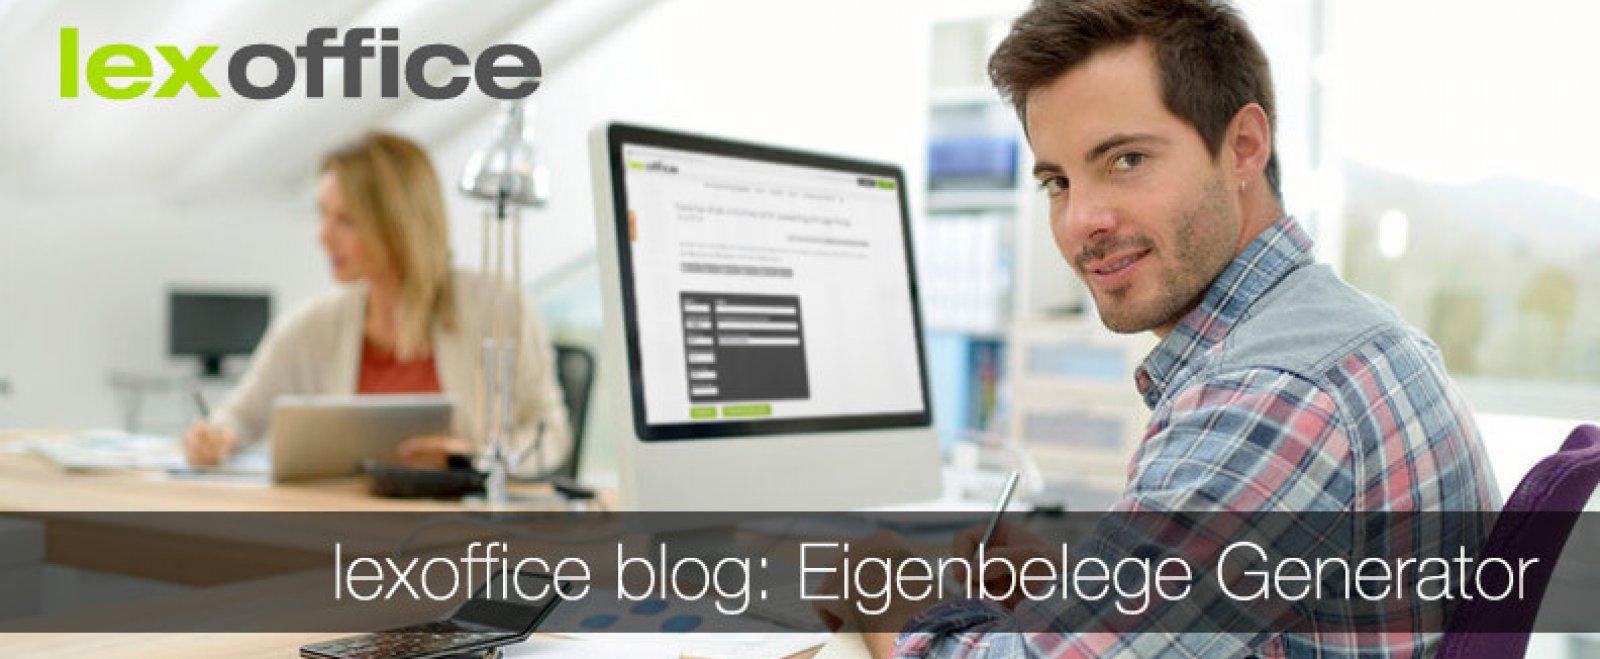 Kostenlos im Service-Bereich: lexoffice Eigenbeleg-Generator